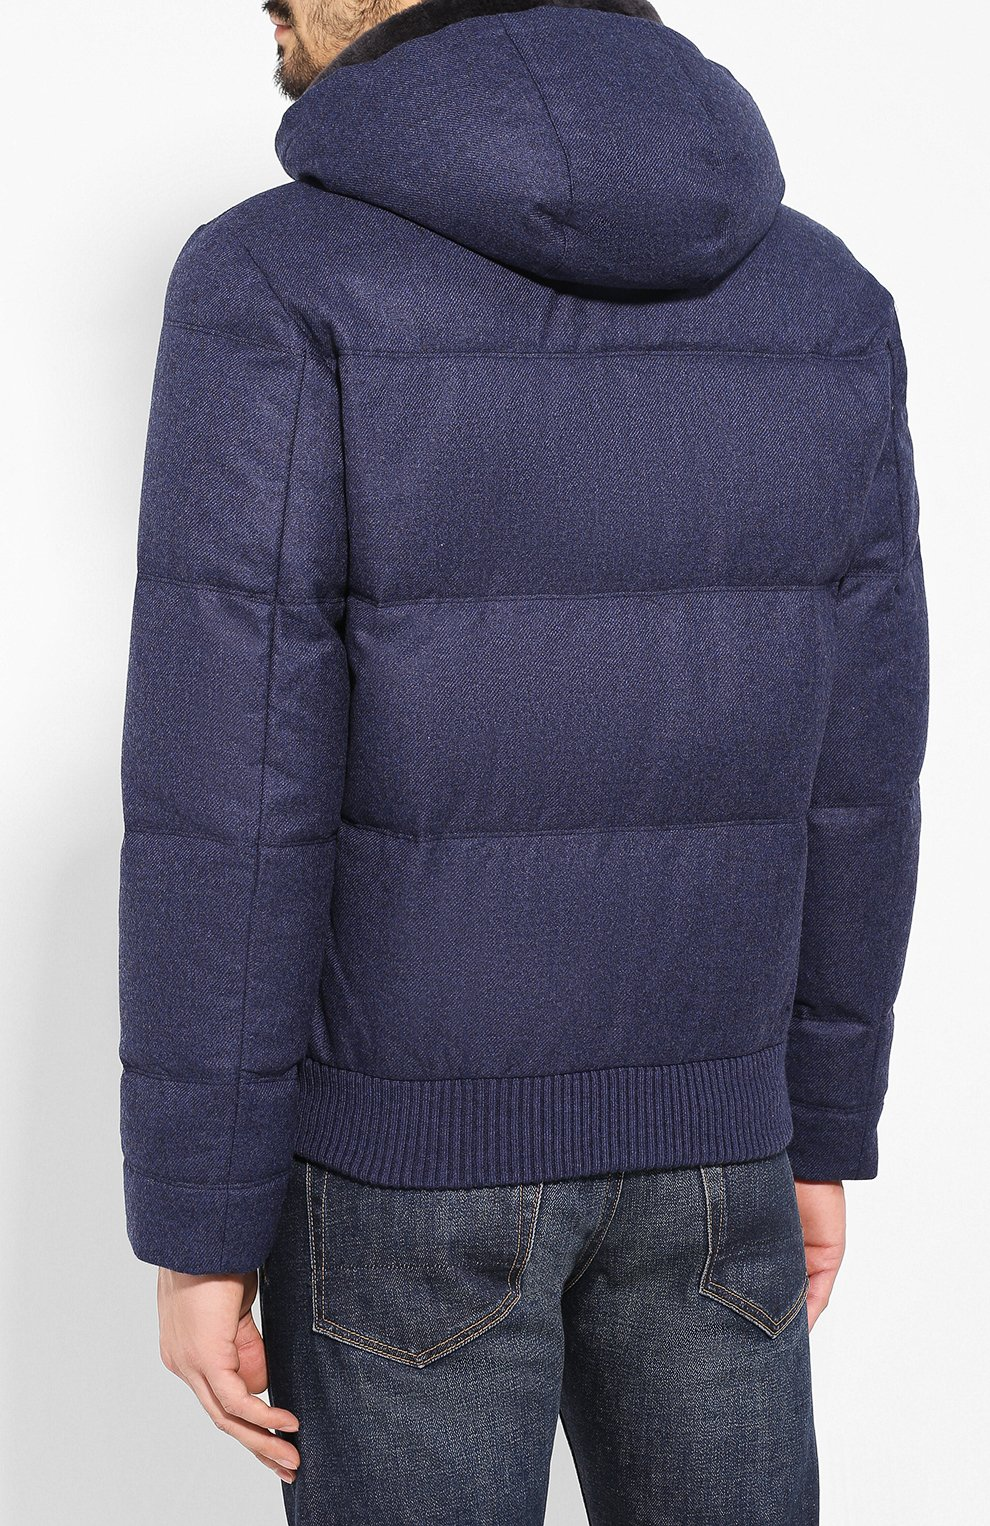 Мужской пуховый бомбер ANDREA CAMPAGNA синего цвета, арт. A8T711/3813 | Фото 4 (Кросс-КТ: Куртка; Мужское Кросс-КТ: пуховик-короткий, Пуховик-верхняя одежда, Верхняя одежда; Материал внешний: Шерсть; Рукава: Длинные; Принт: Без принта; Материал подклада: Синтетический материал; Длина (верхняя одежда): Короткие; Материал утеплителя: Пух и перо; Стили: Кэжуэл)